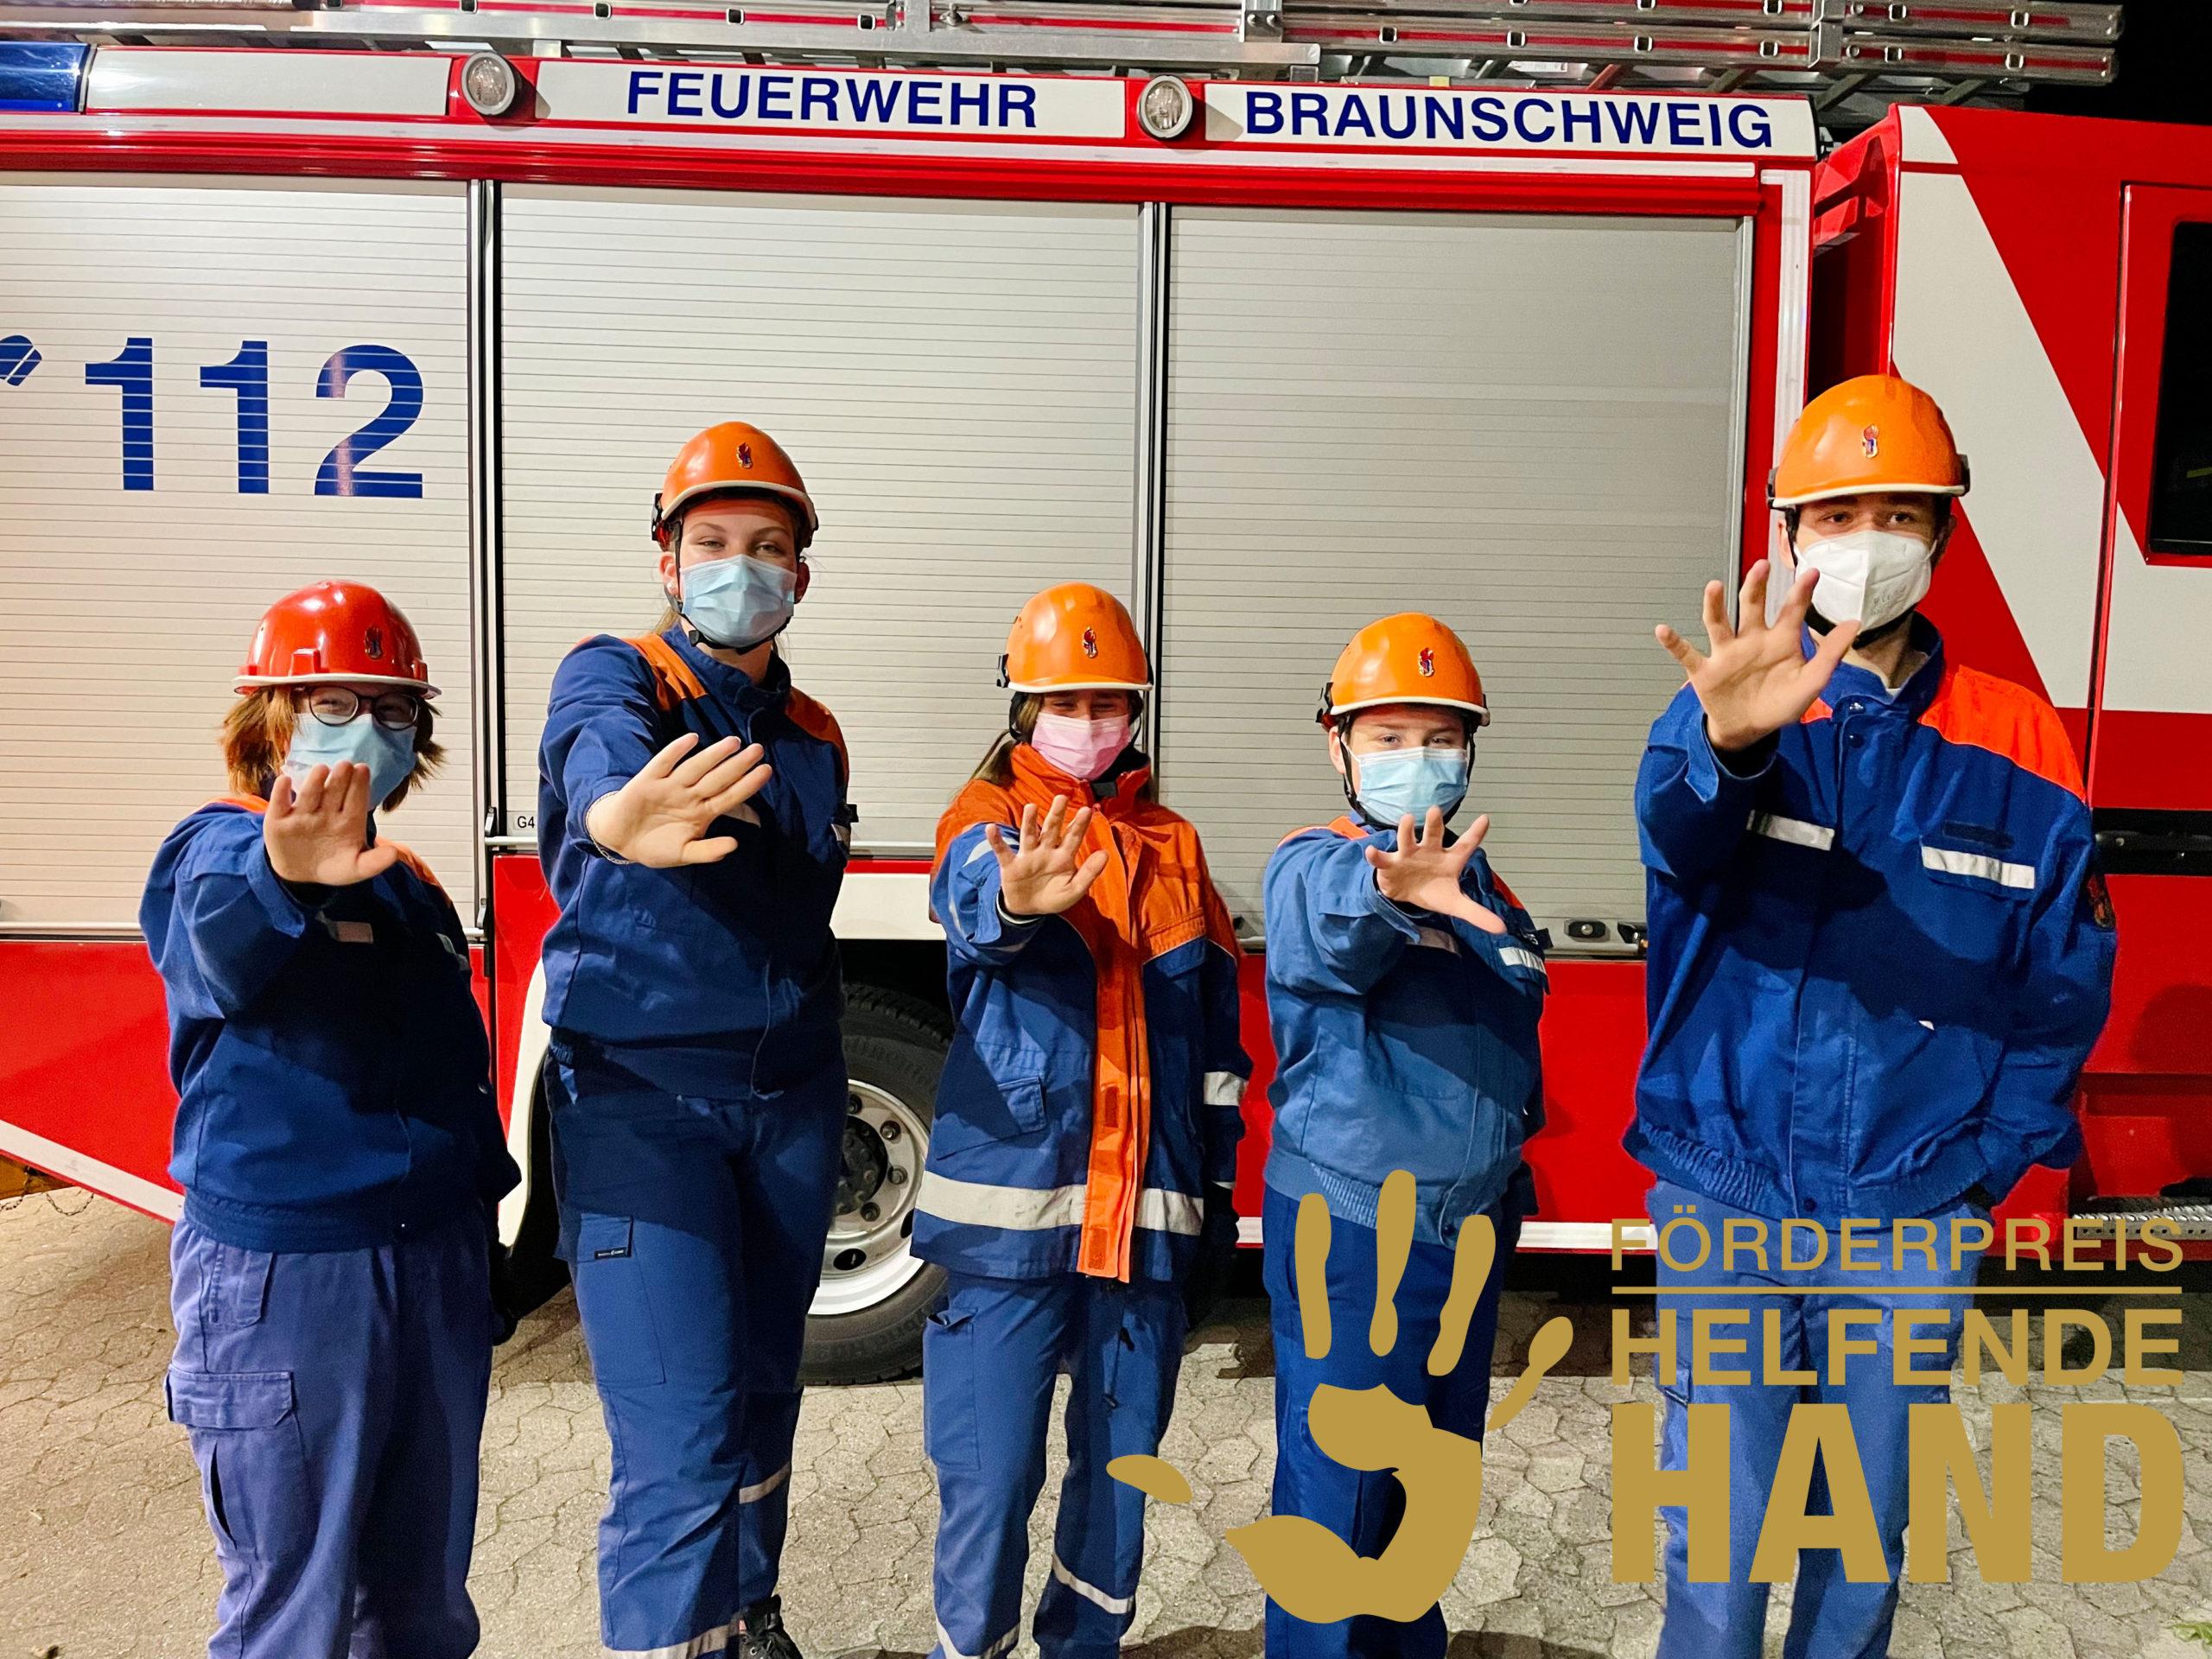 """Jugendfeuerwehr Bienrode für den Förderpreis """"Helfende Hand"""" nominiert"""